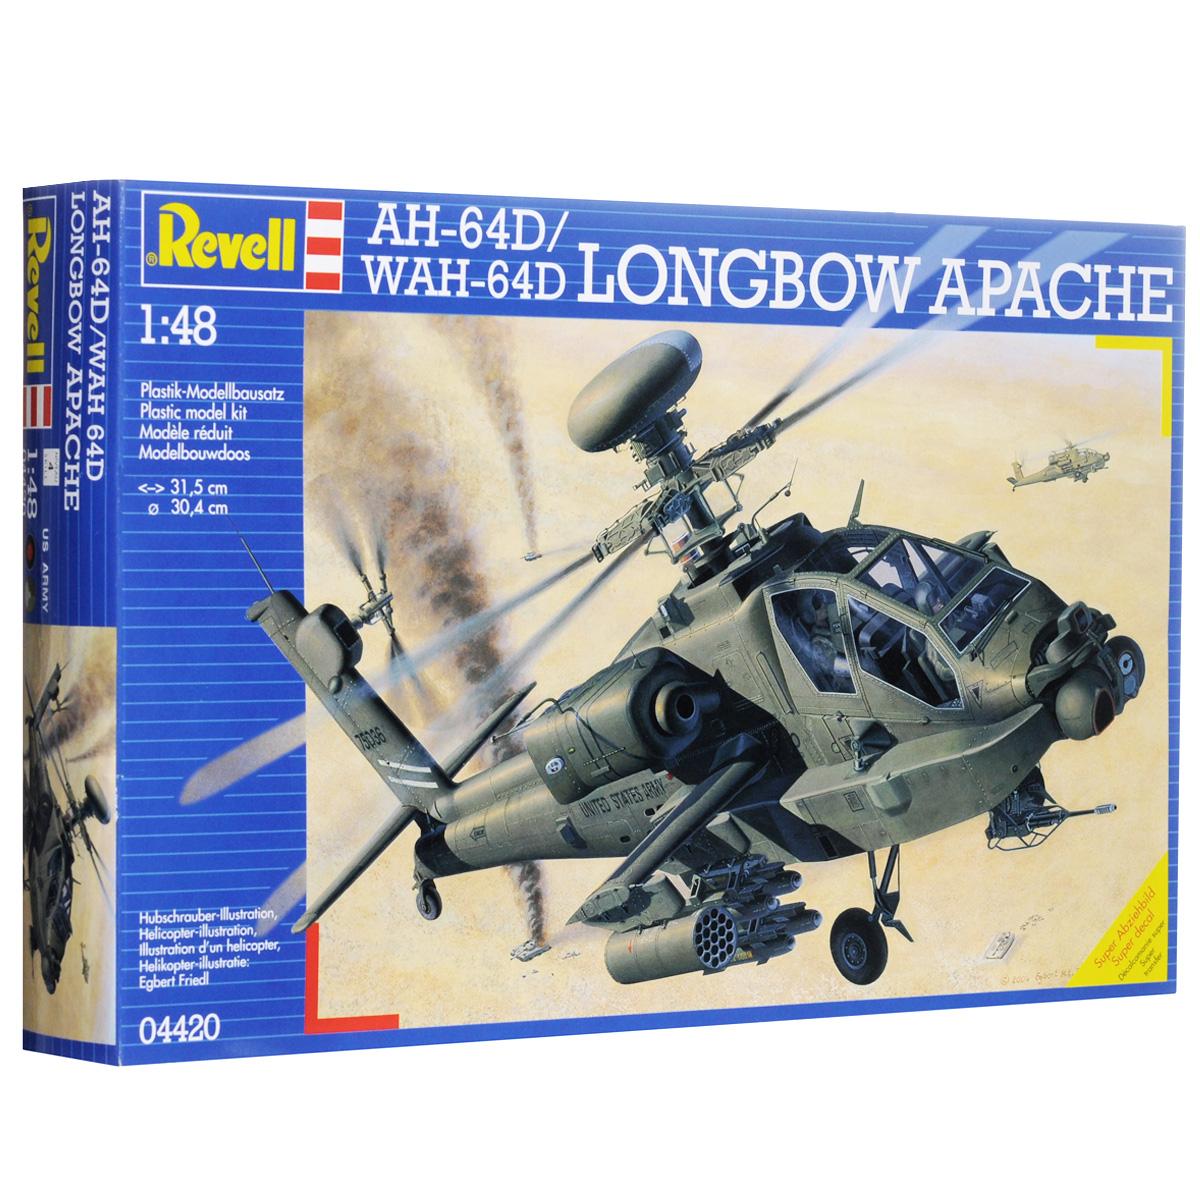 Сборная модель Revell Вертолет Apache AH-64D4420С помощью набора Revell Вертолет Apache AH-64D вы и ваш ребенок сможете собрать уменьшенную копию настоящего американского ударного вертолета. Вертолет Apache AH-64D был разработан в 1975 году для замены своего предшественника AH-1 Кобра. C 1984 года AH-64D стал основным вертолетом армии США. Вооружение машины состоит из 30-мм пушки, 14 противотанковых ракет и 4 установок с неуправляемыми ракетами. В экипаж входят два человека. Набор содержит все необходимое: 184 элемента для сборки, схематичную инструкцию и лист с наклейками. Благодаря набору ваш ребенок разовьет интеллектуальные и инструментальные способности, воображение, конструктивное мышление, внимание, терпение и кругозор. Уровень сложности: 4. УВАЖАЕМЫЕ КЛИЕНТЫ! Обращаем ваше внимание на тот факт, что модель не раскрашена, краски и кисть в комплект не входят.